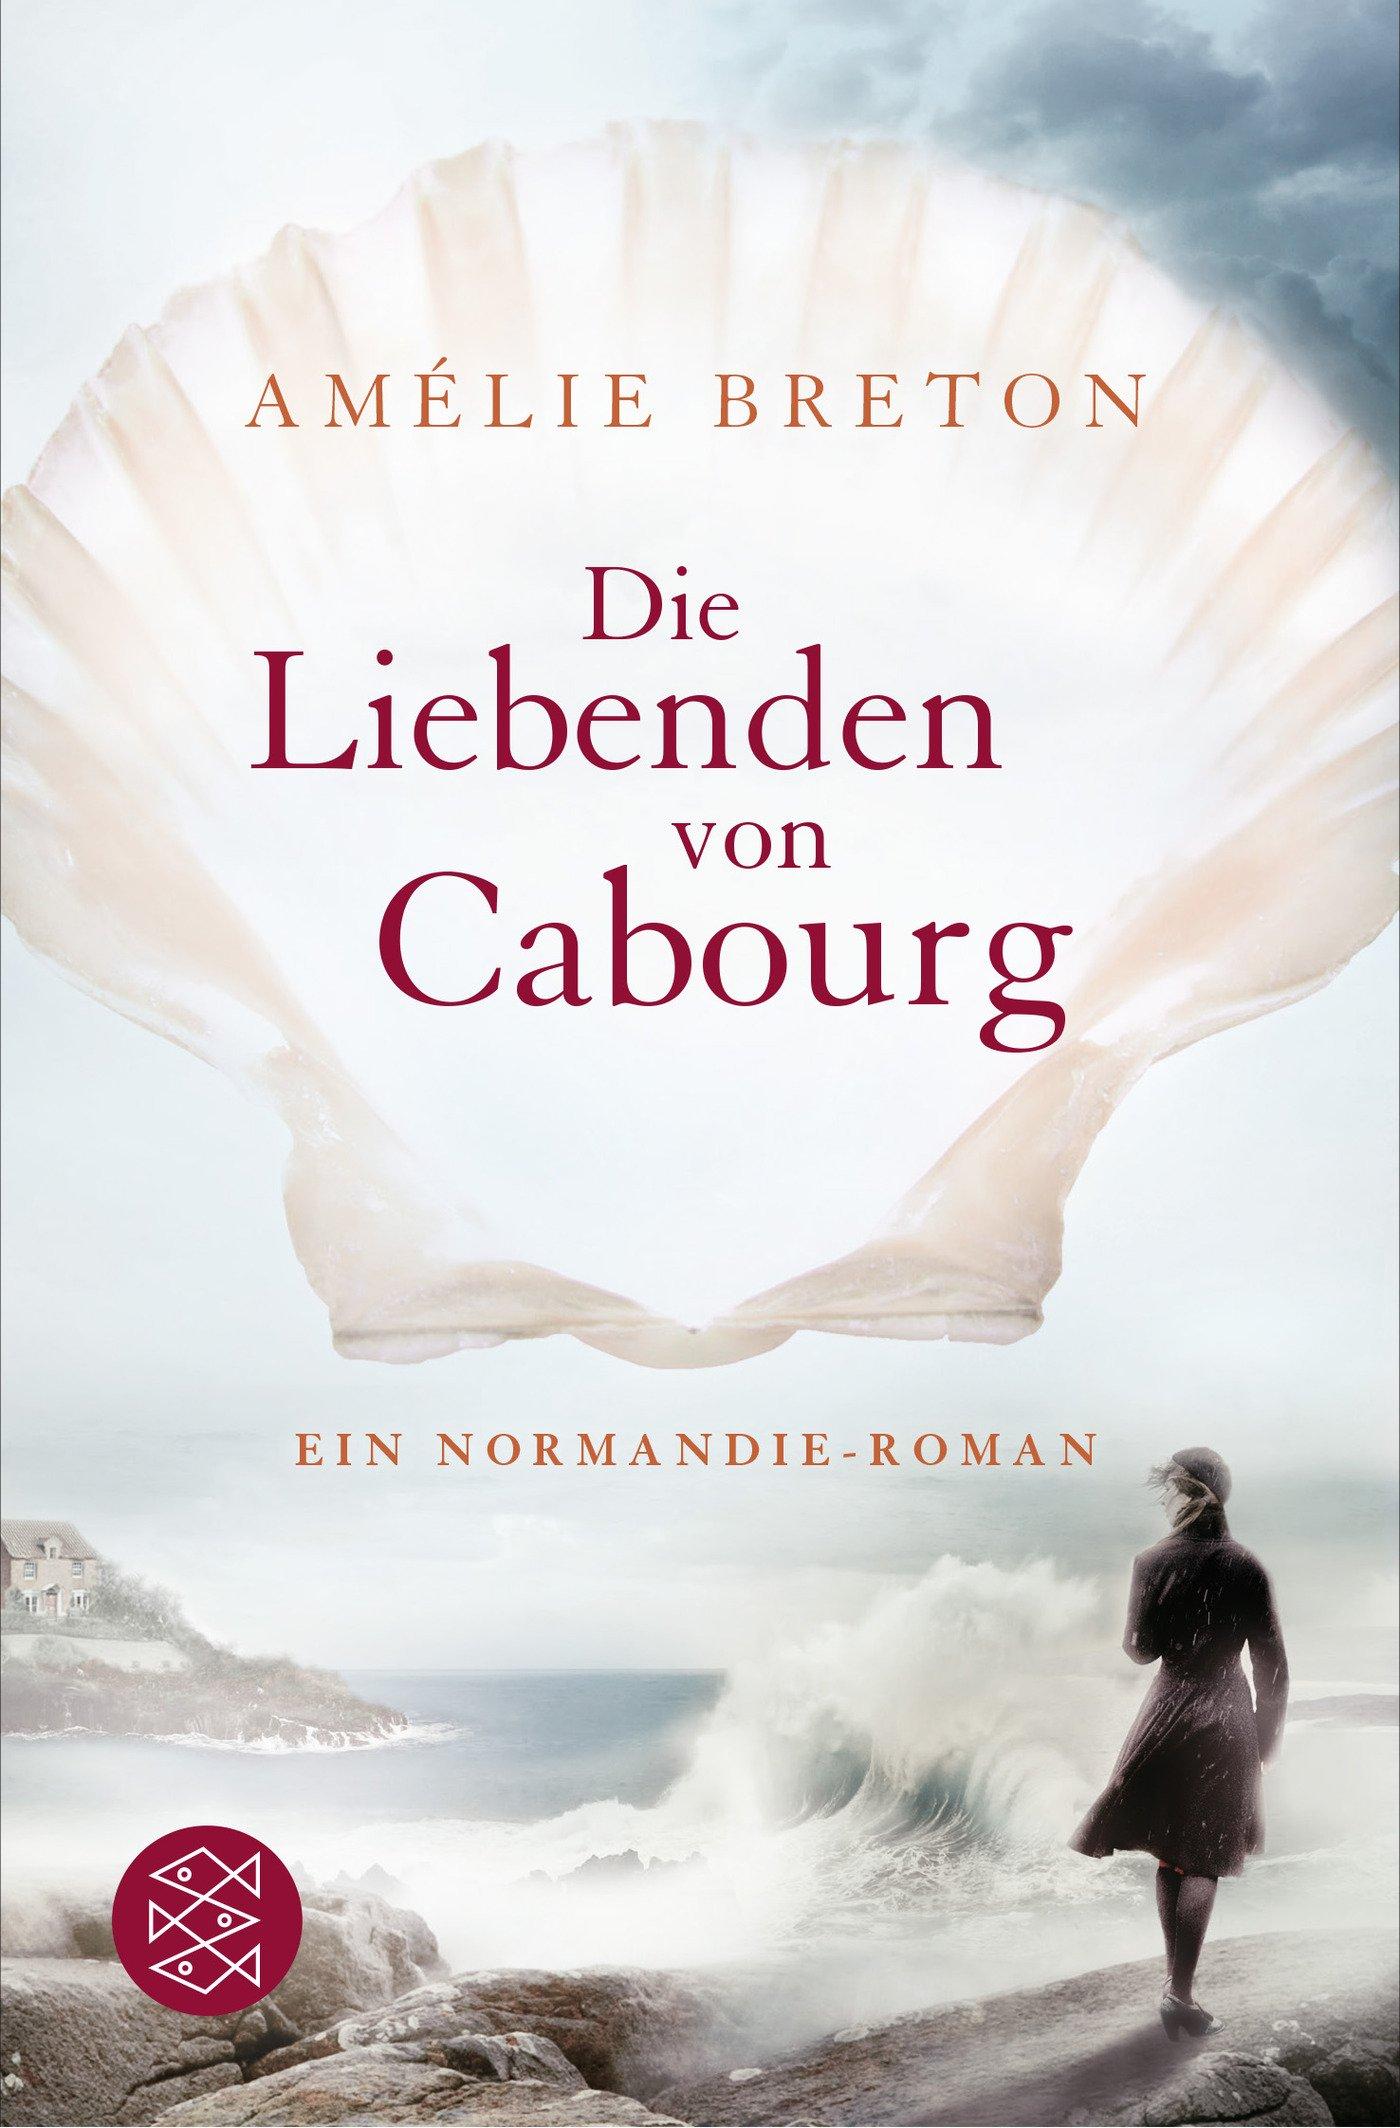 Die Liebenden von Cabourg: Ein Normandie-Roman Taschenbuch – 24. Juli 2014 Amélie Breton FISCHER Taschenbuch 3596030293 1920 bis 1929 n. Chr.